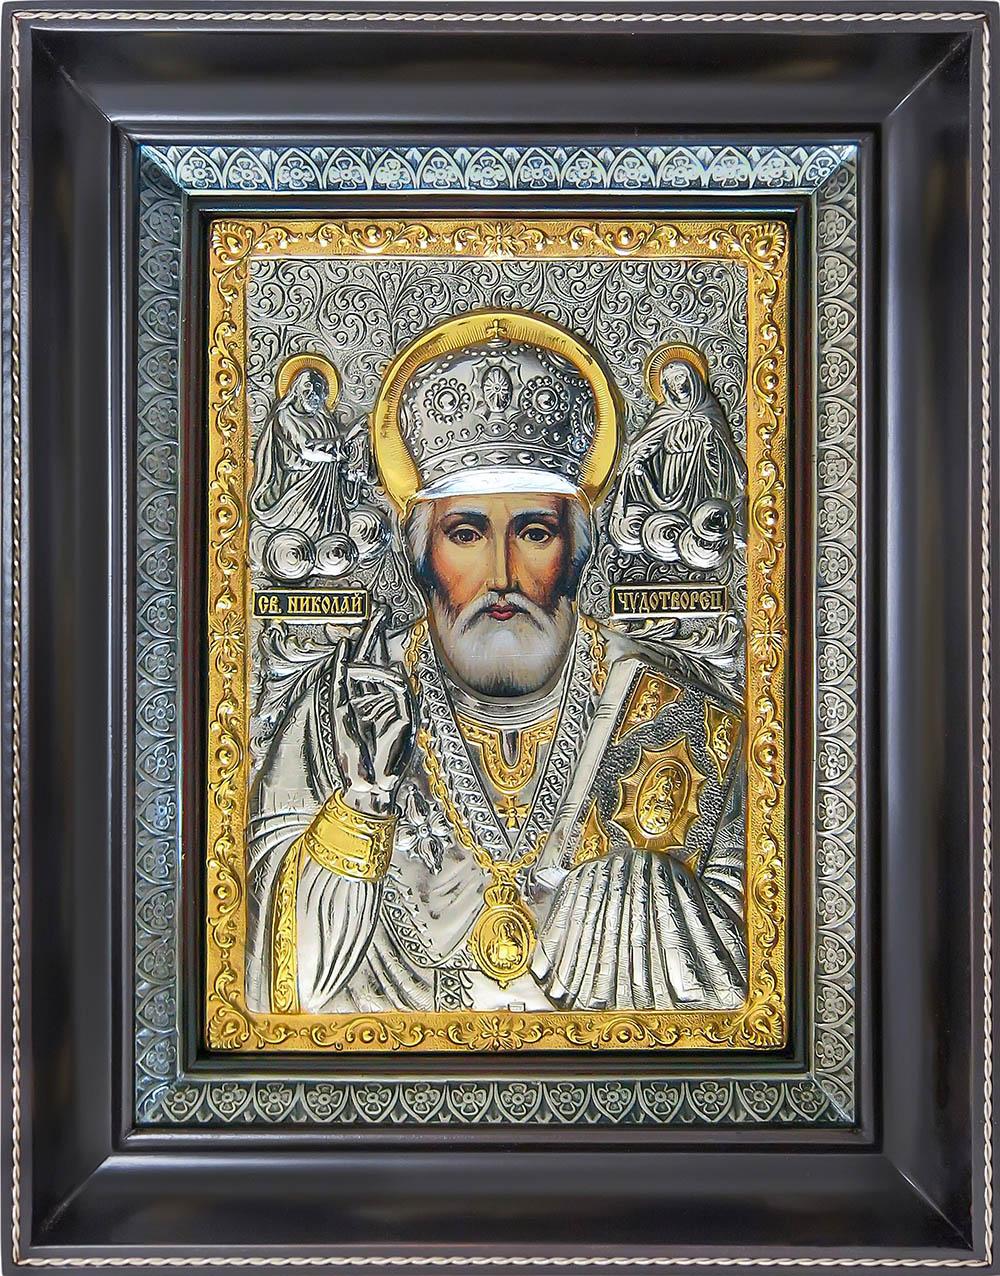 фото икона святителя Николая Чудотворца Угодника гальванопластика серебро золото деревянная рама